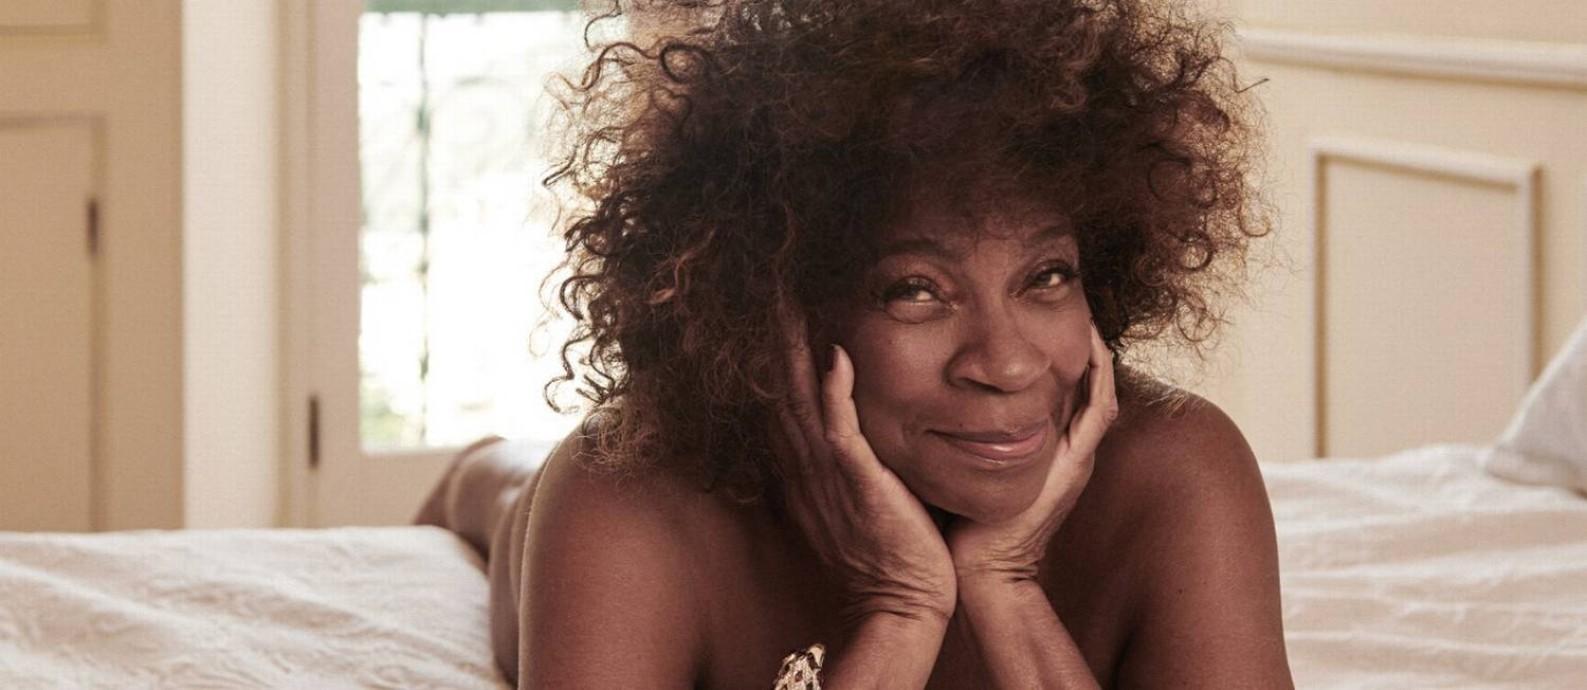 Fotos De Camila Pitanga Nua aos 75 anos, zezé motta posa nua e diz: 'sou capaz de me